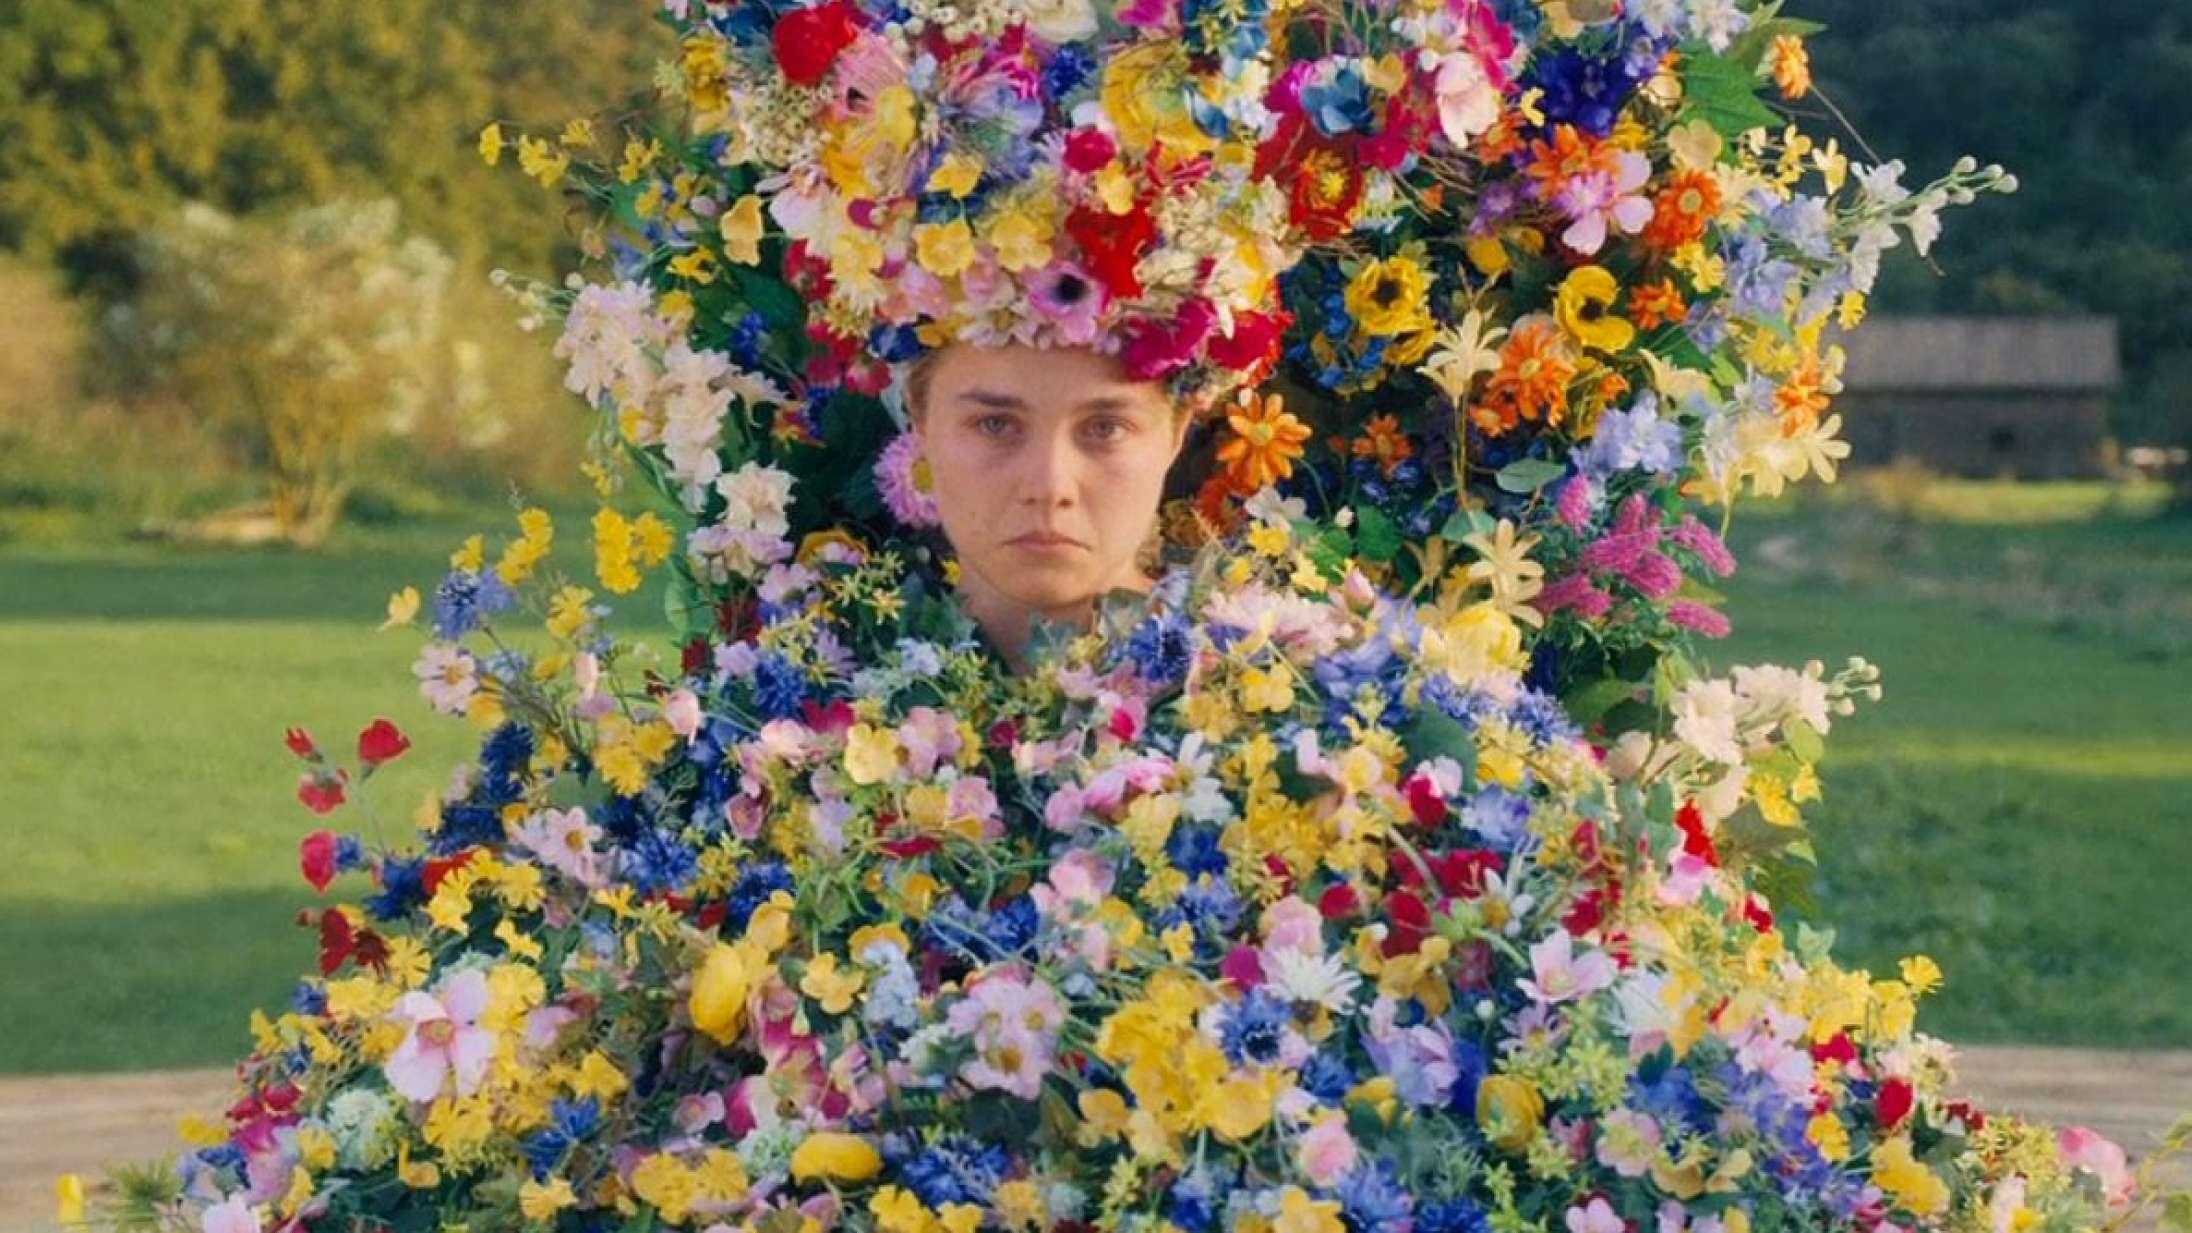 Nu kan du købe Zendayas 'Euphoria'-hættetrøje, Robert Pattinsons træfigur og 'Midsommar'-blomsterkjolen på auktion